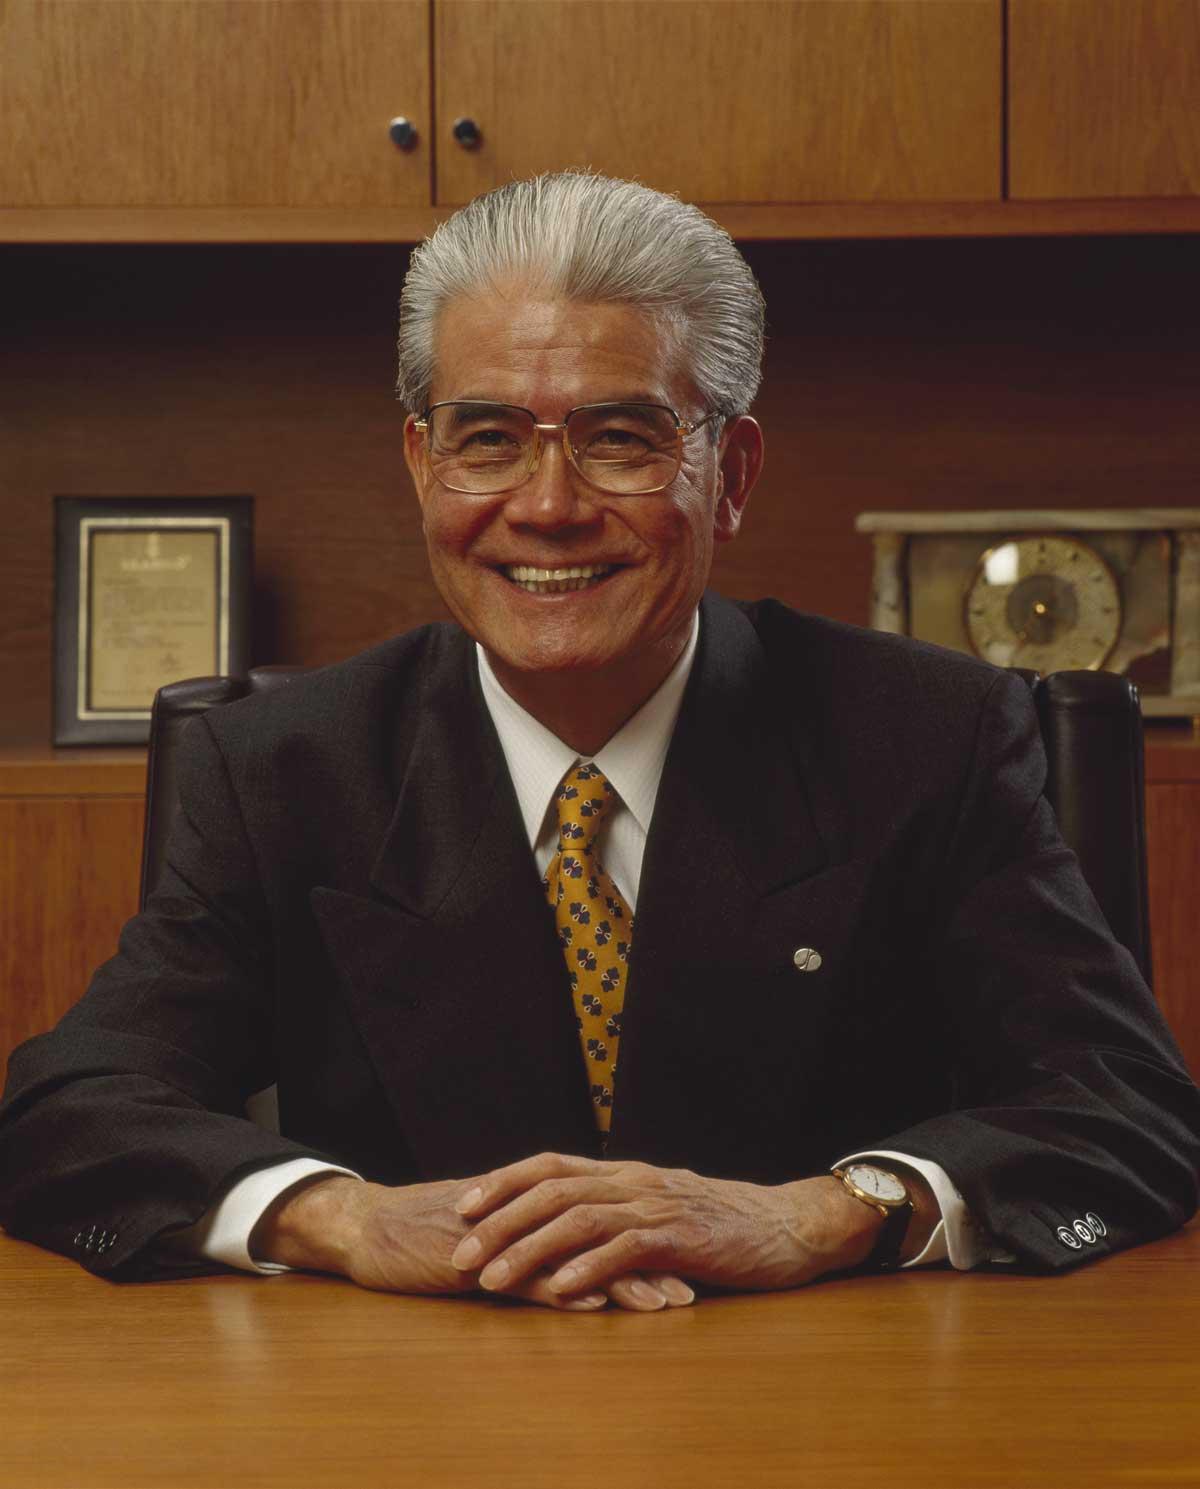 Yoshizo Shimano faleceu aos 85 anos